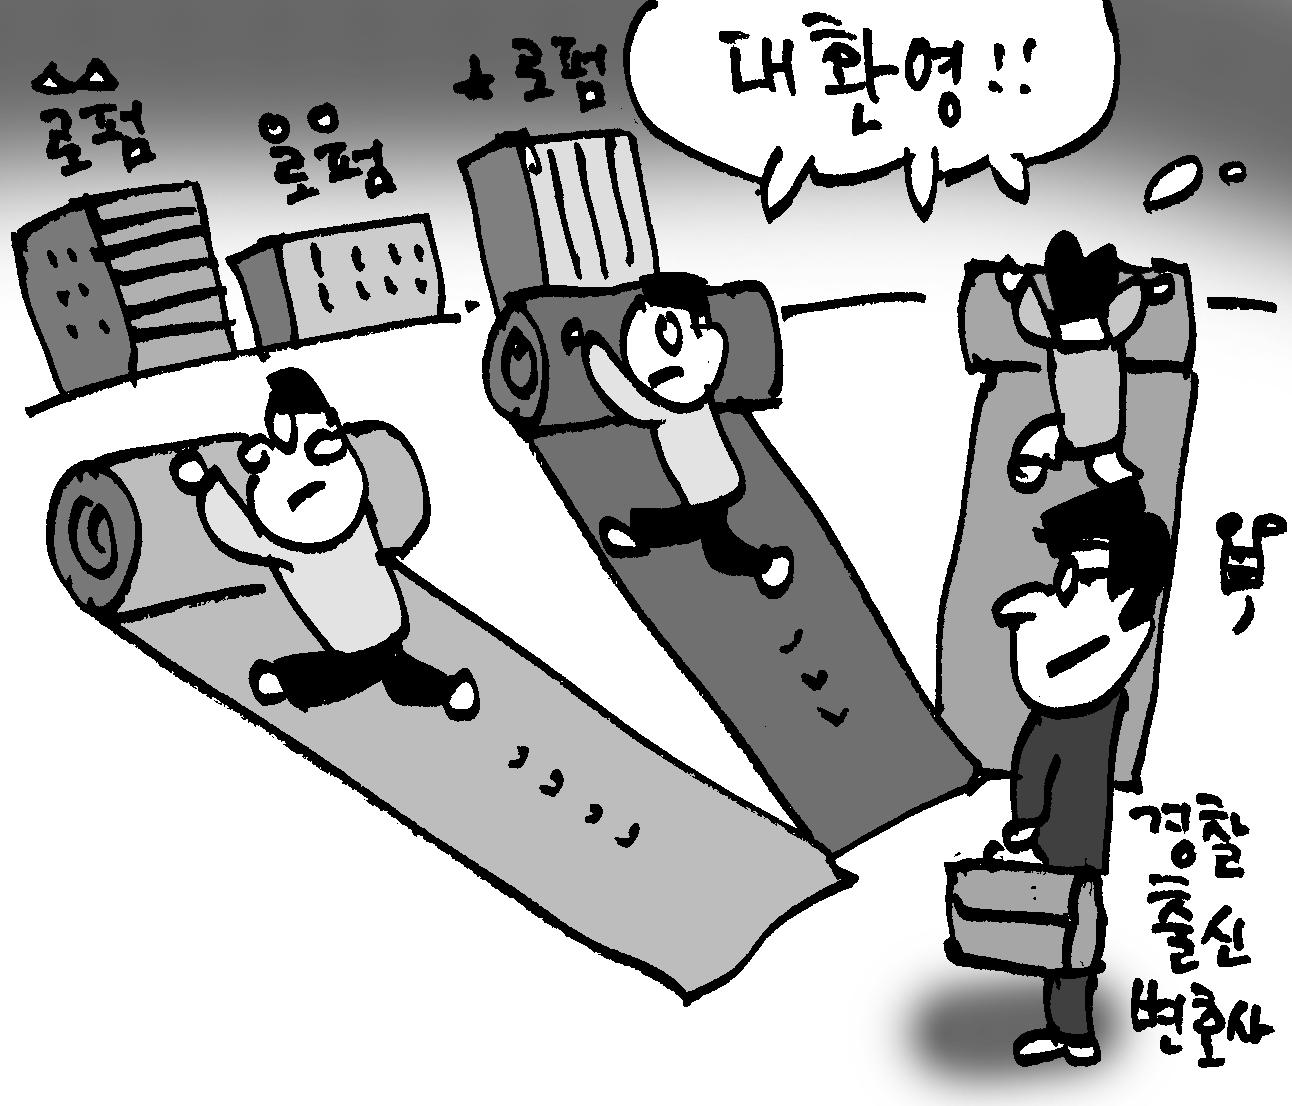 영입 경쟁 치열… 몸값 뛰는 경찰 출신 변호사들